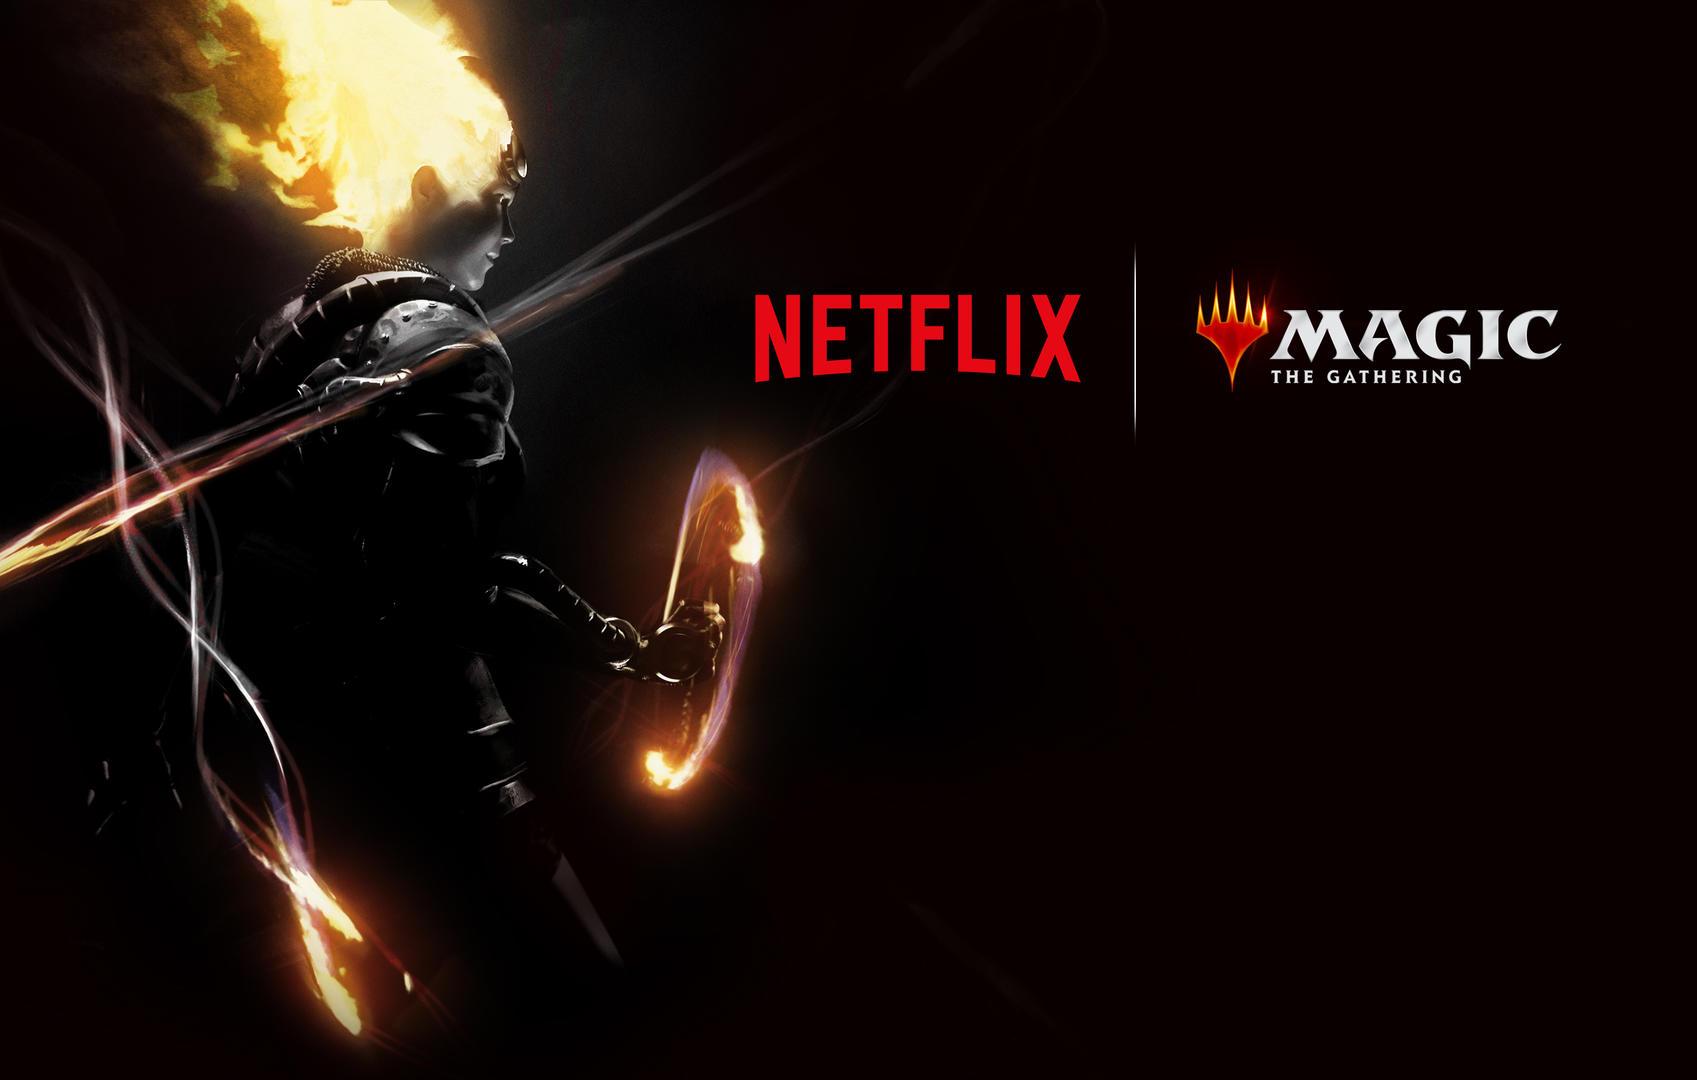 Netflix e i fratelli Russo annunciano una serie su Magic: the Gathering thumbnail